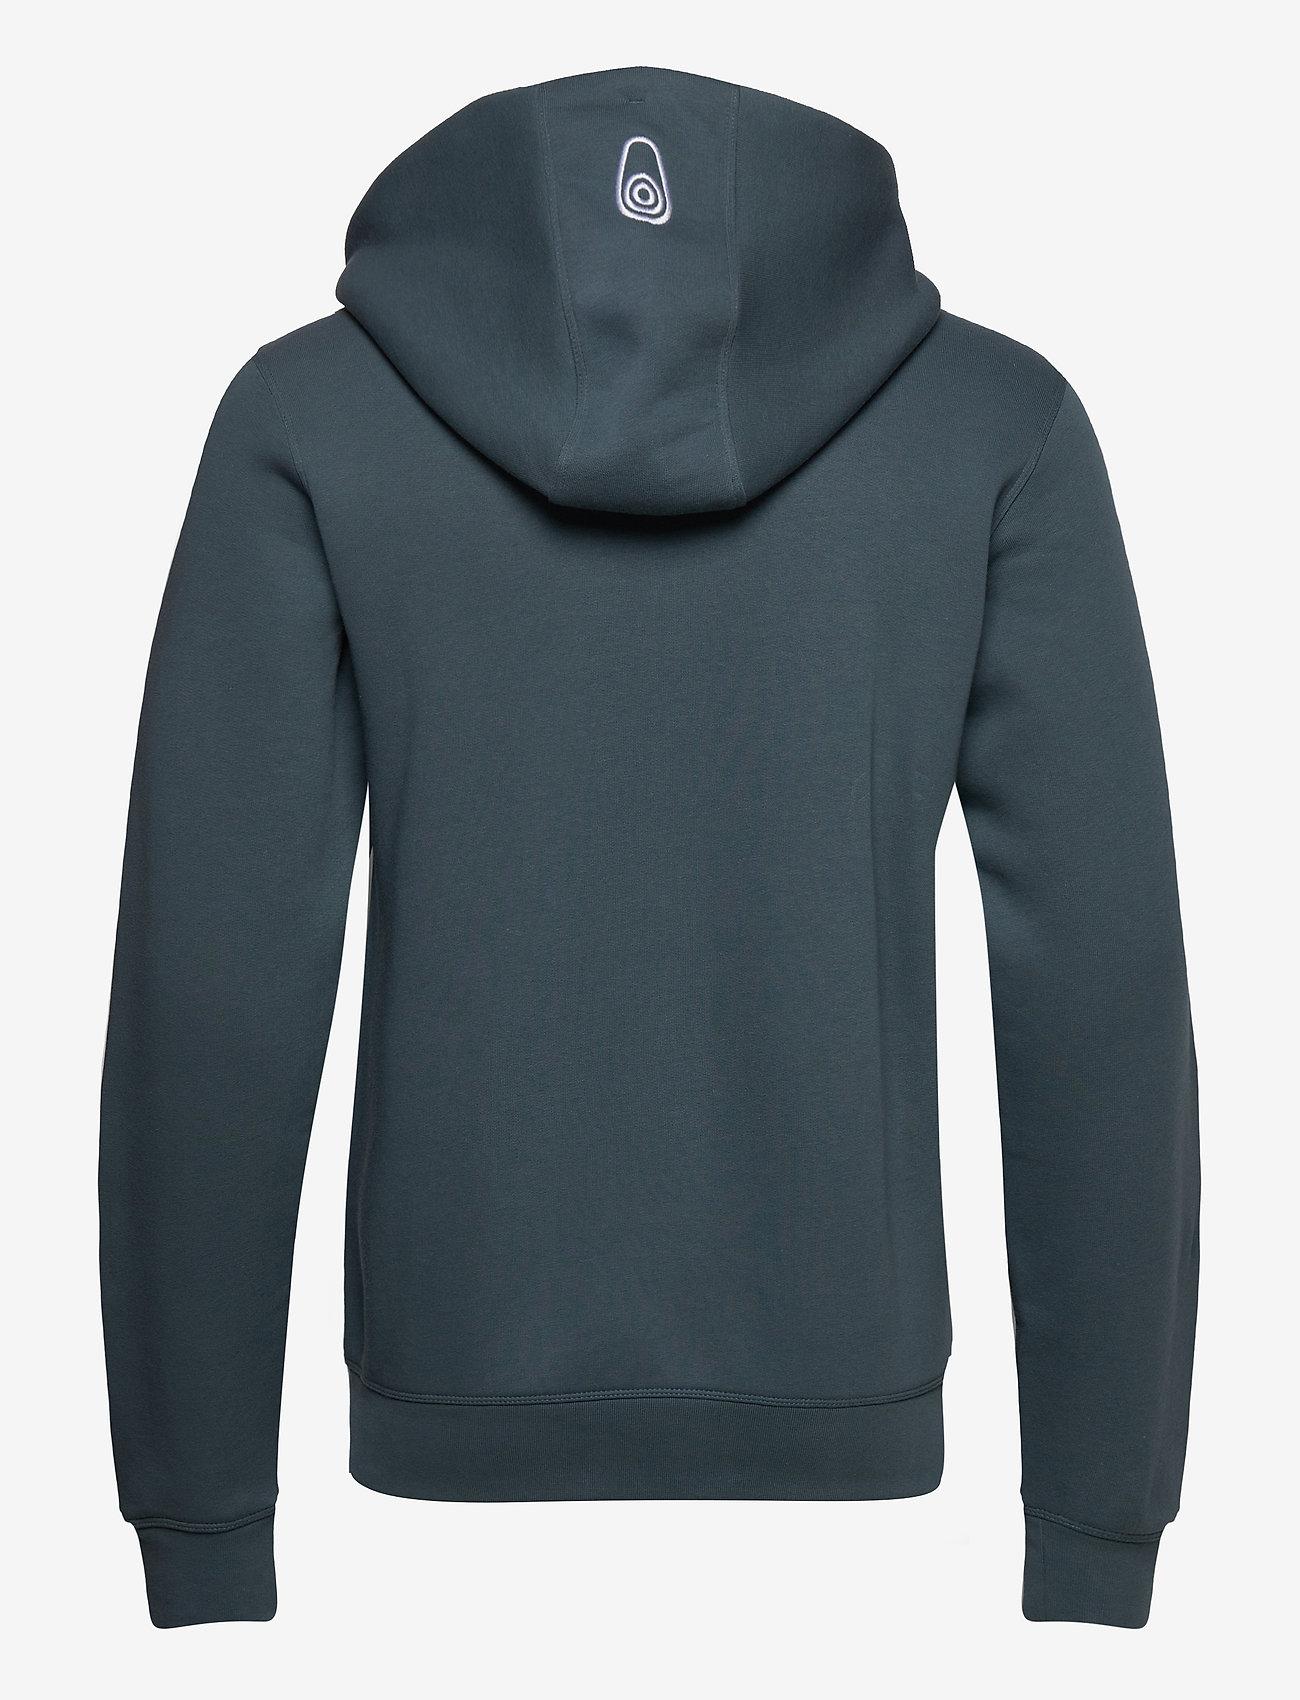 Sail Racing - BOWMAN ZIP HOOD - hoodies - dark steel - 1